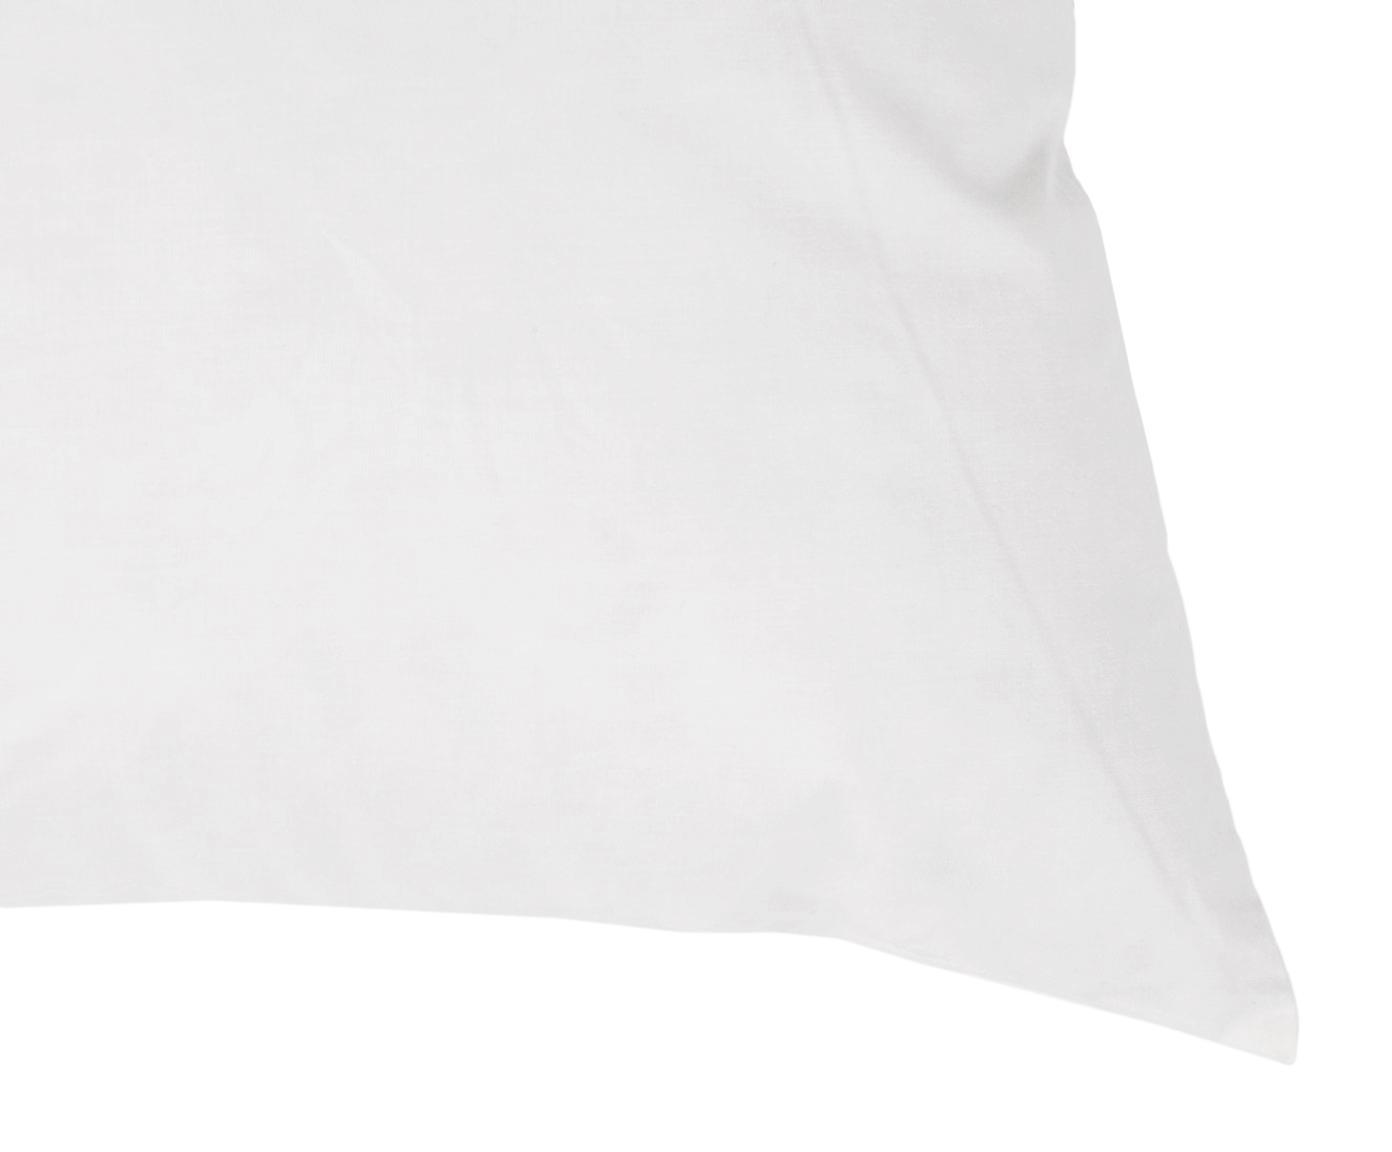 Wypełnienie poduszki dekoracyjnej Komfort, 50 x 50, Biały, S 50 x D 50 cm